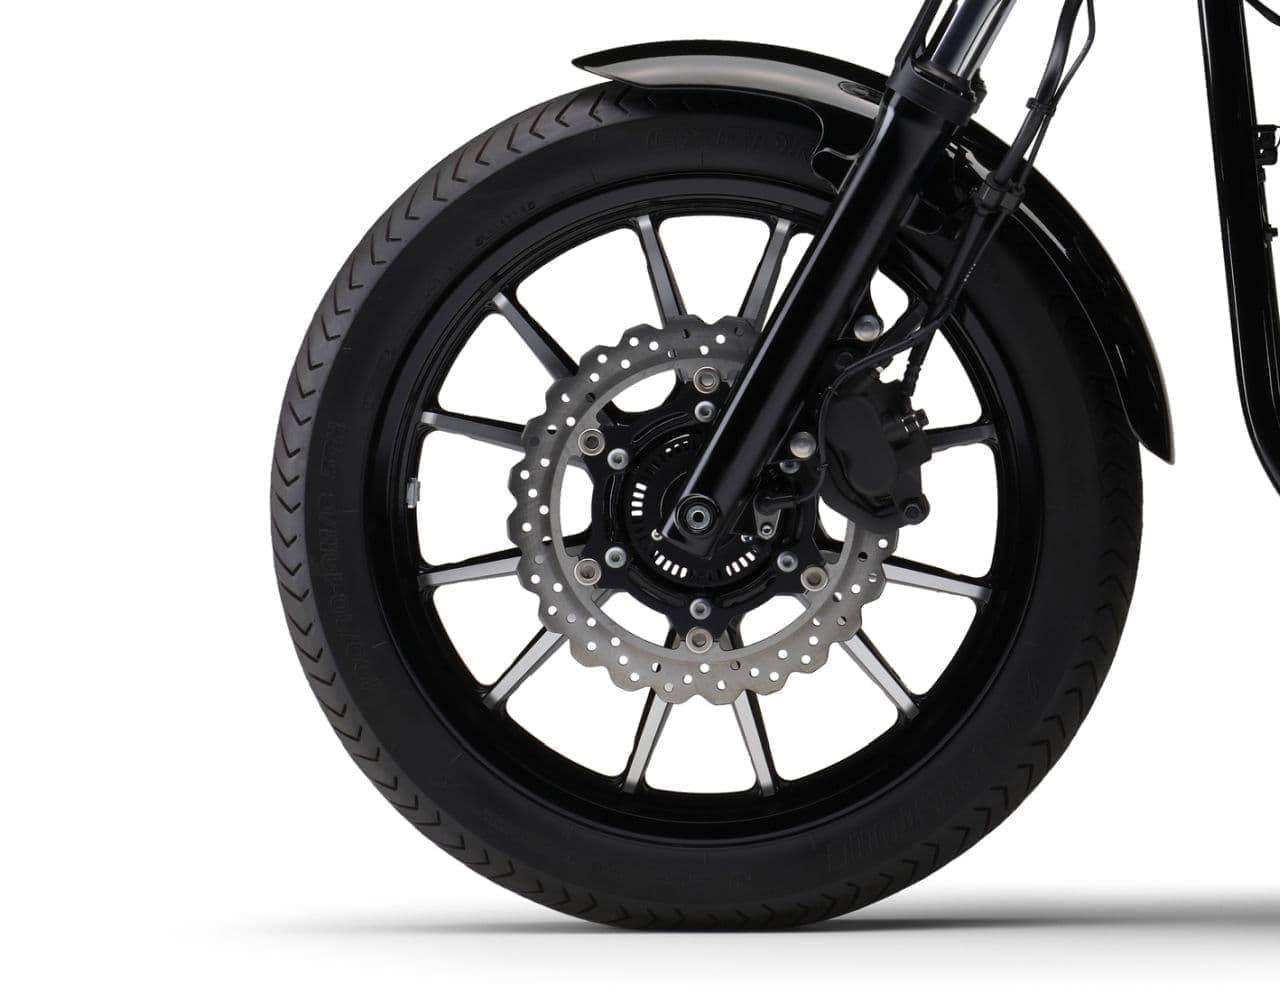 ヤマハのクルーザーモデル「BOLT Rスペック ABS」に2021年モデル ― 「ブルー」「ブラック」を新設定